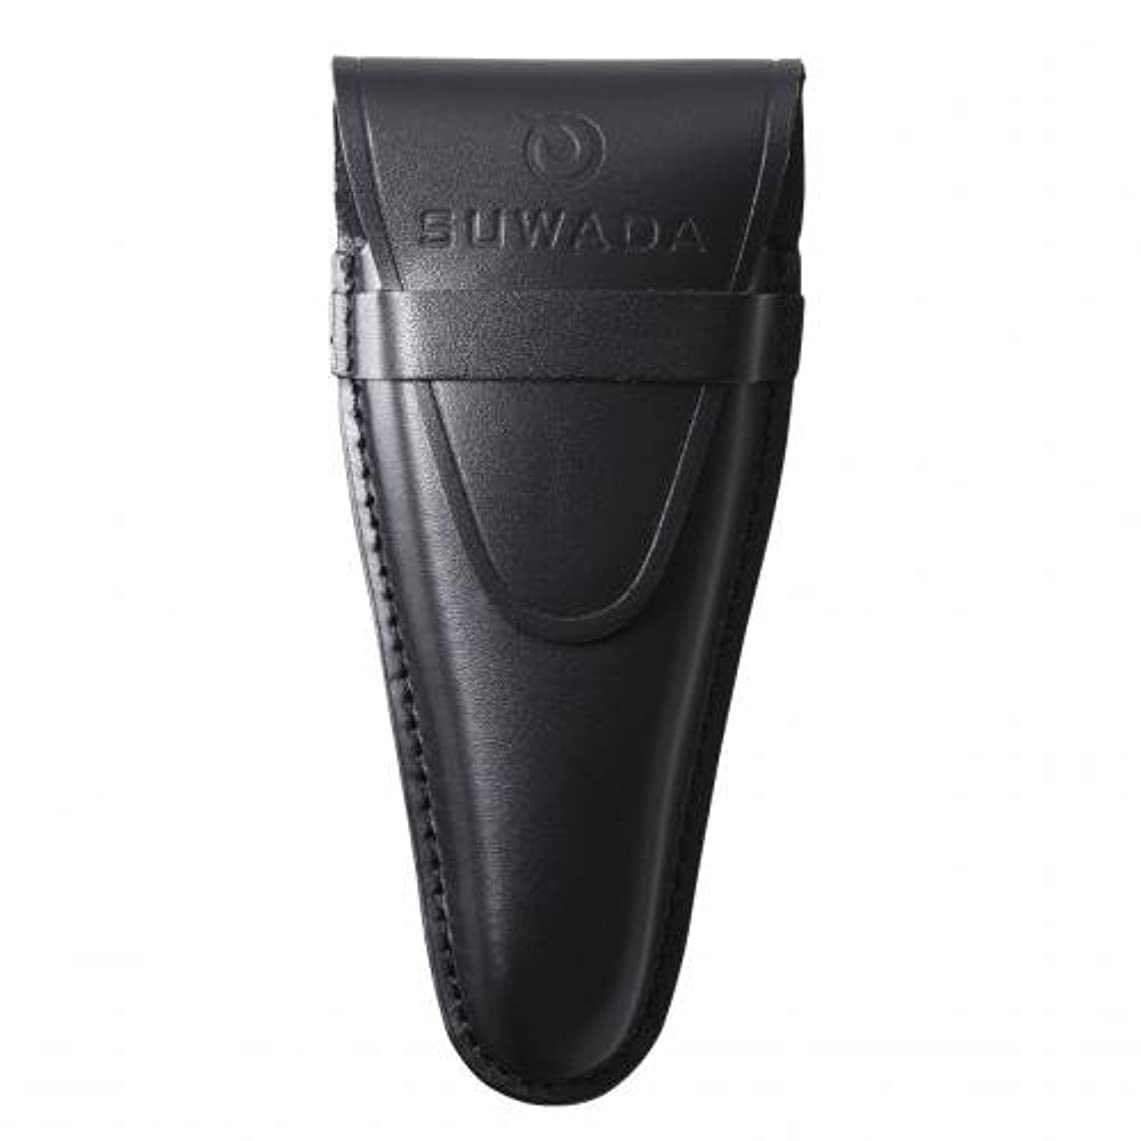 用心するカレンダー検索エンジンマーケティング【SUWADA】 爪切り用本革ケースクラシックL用 色=ブラック